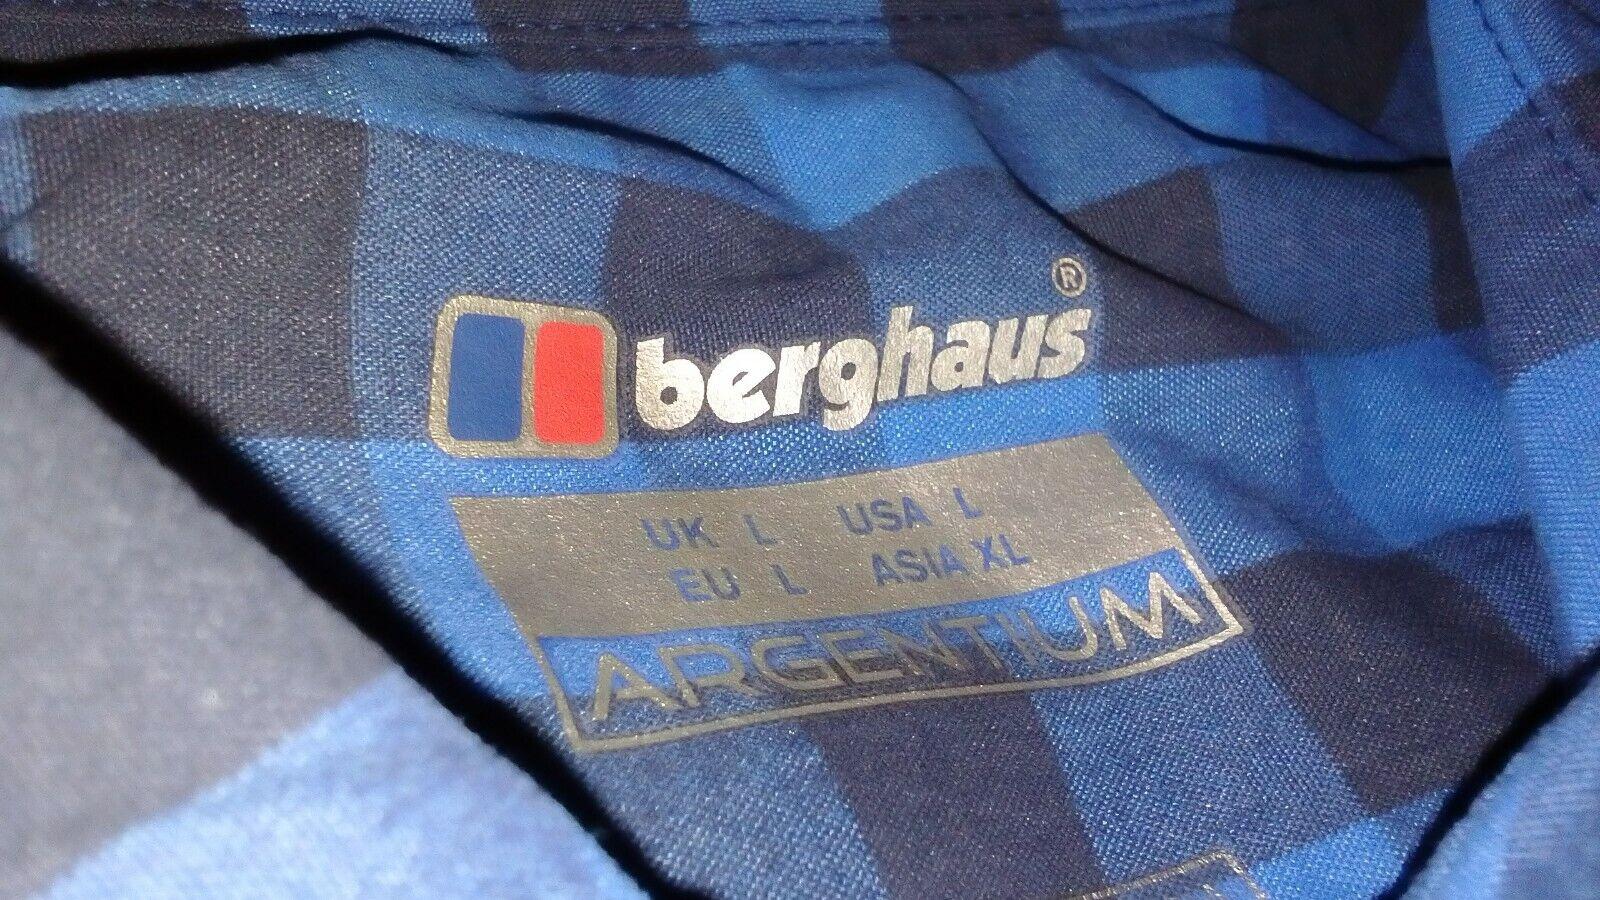 Berghaus argentoium argentoium argentoium Explorer 2 Uomini Taglia Large, Manica lunga, elemento Nuovo di Zecca Tag. 9d9850